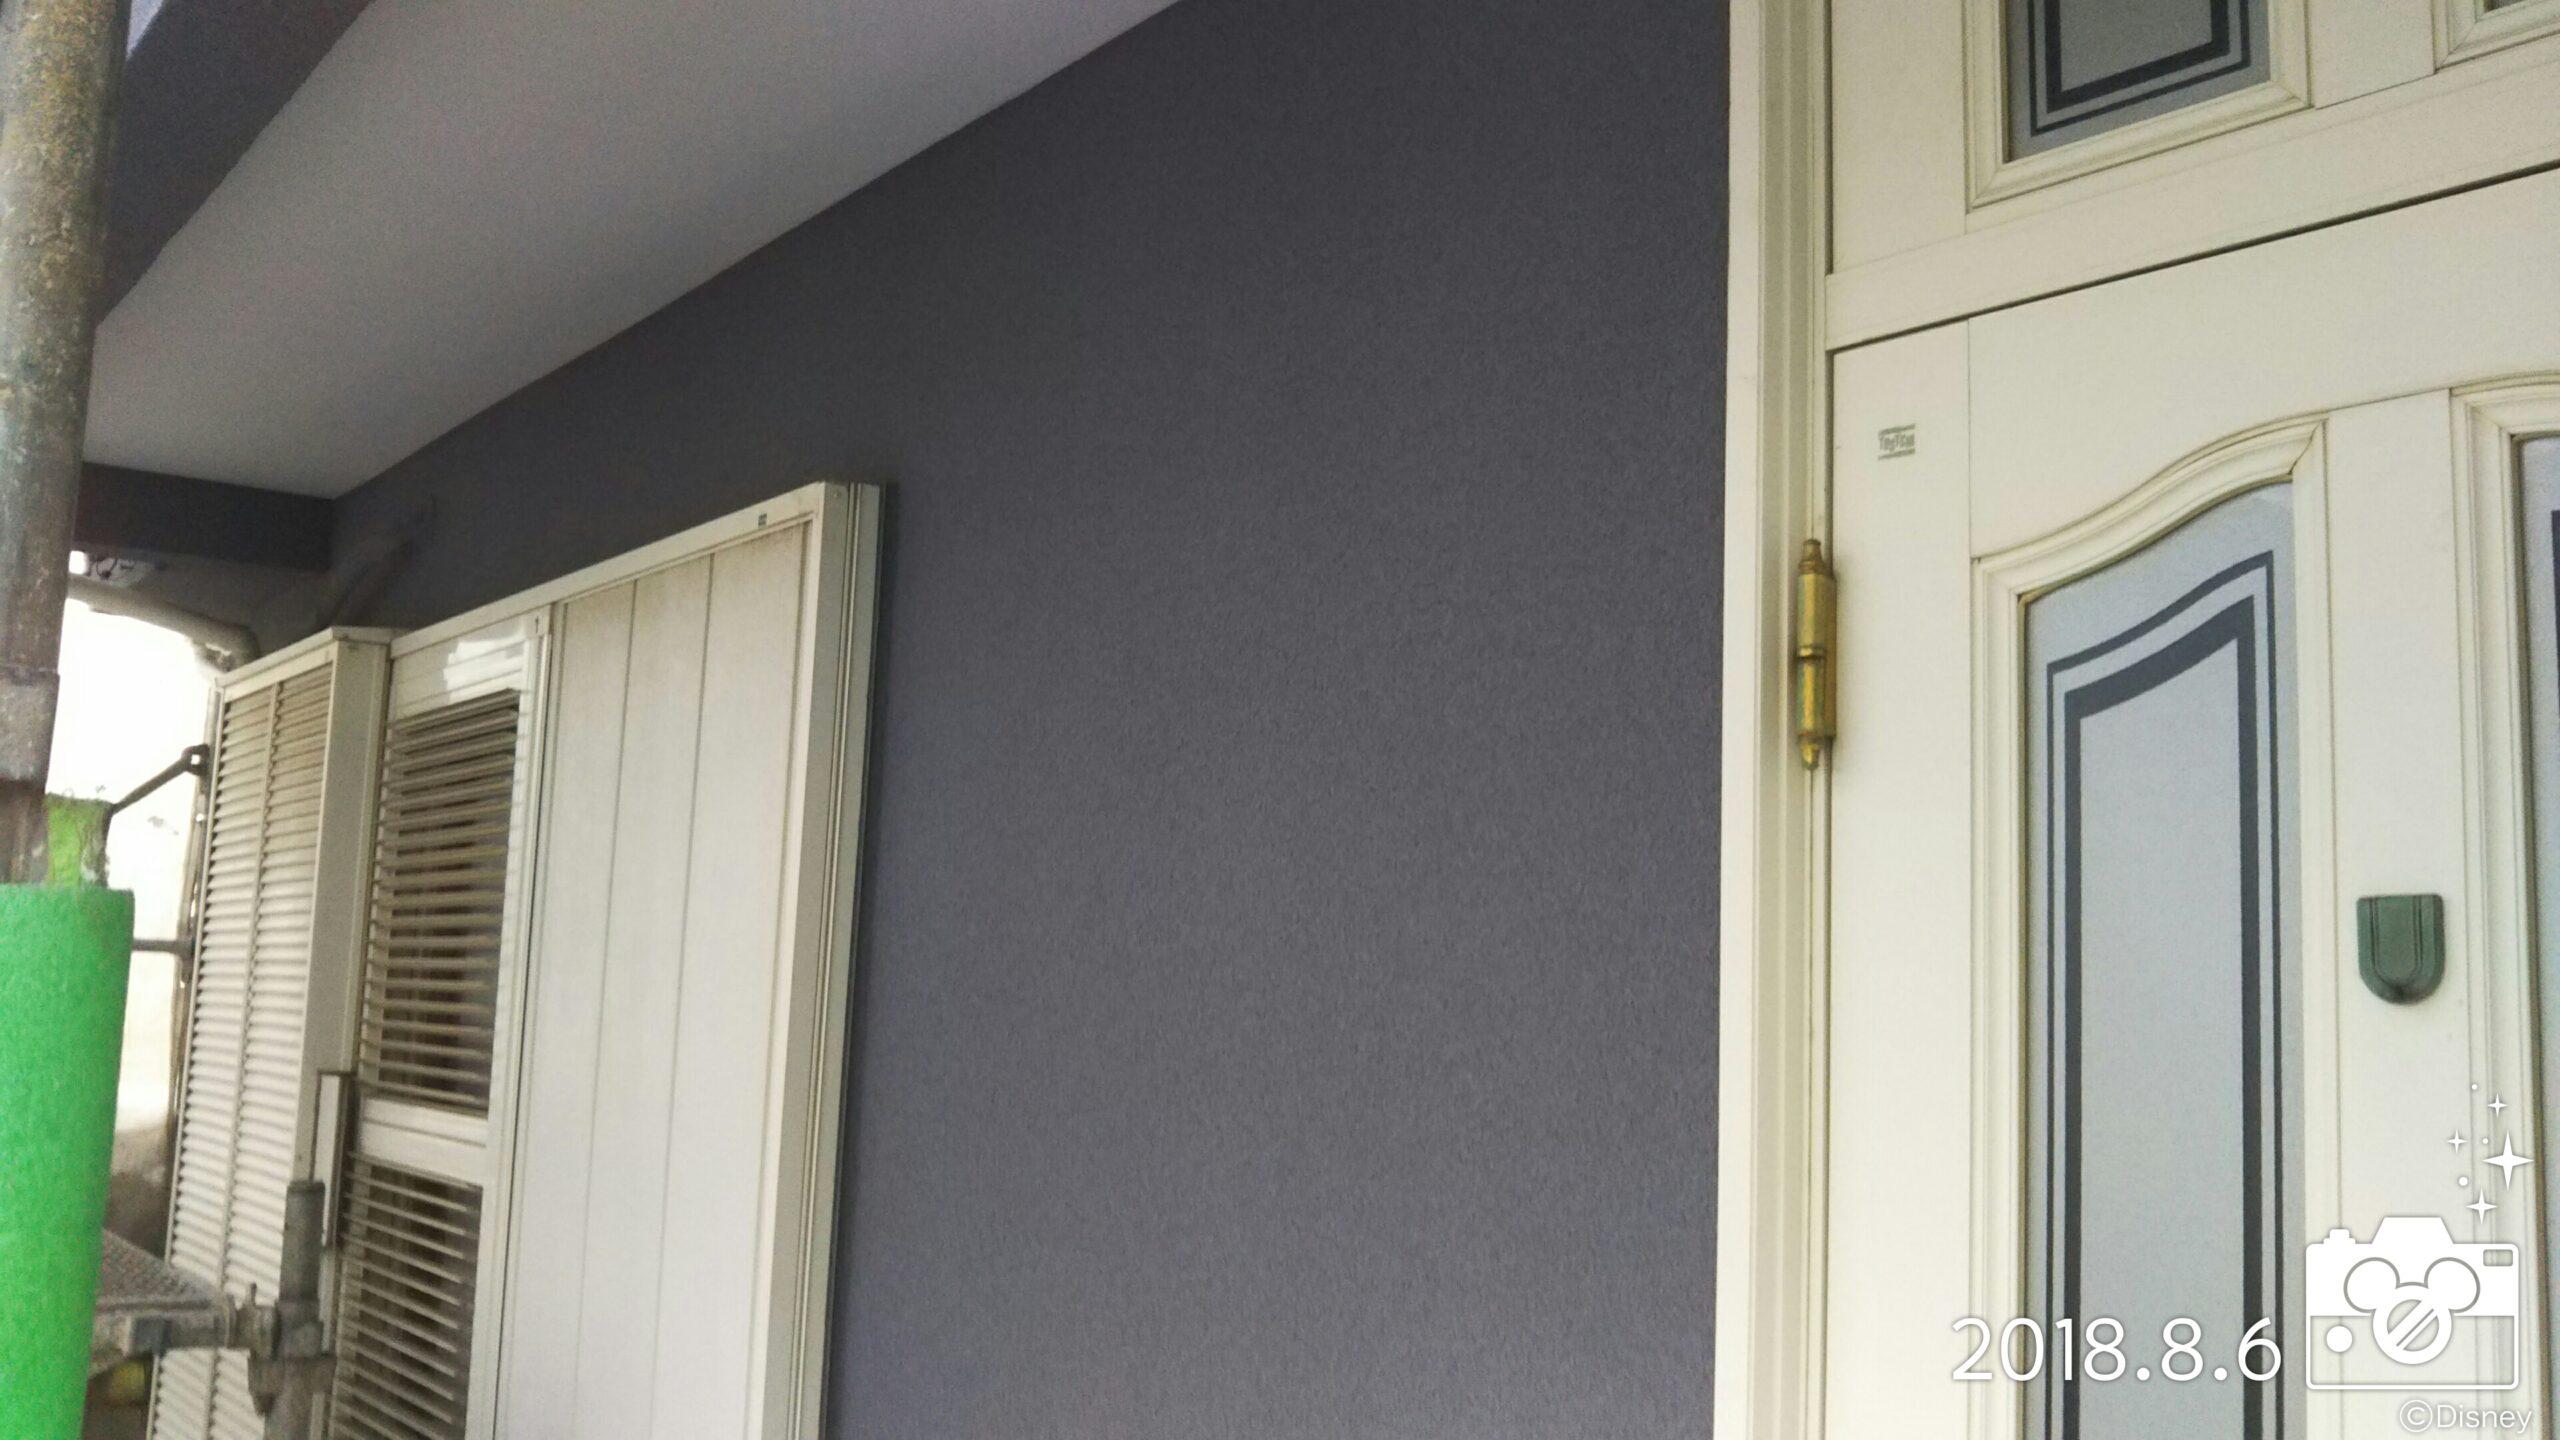 埼玉県さいたま市 外壁塗り替え塗装|さいたま市岩槻区のA様邸にて塗り替えリフォーム中